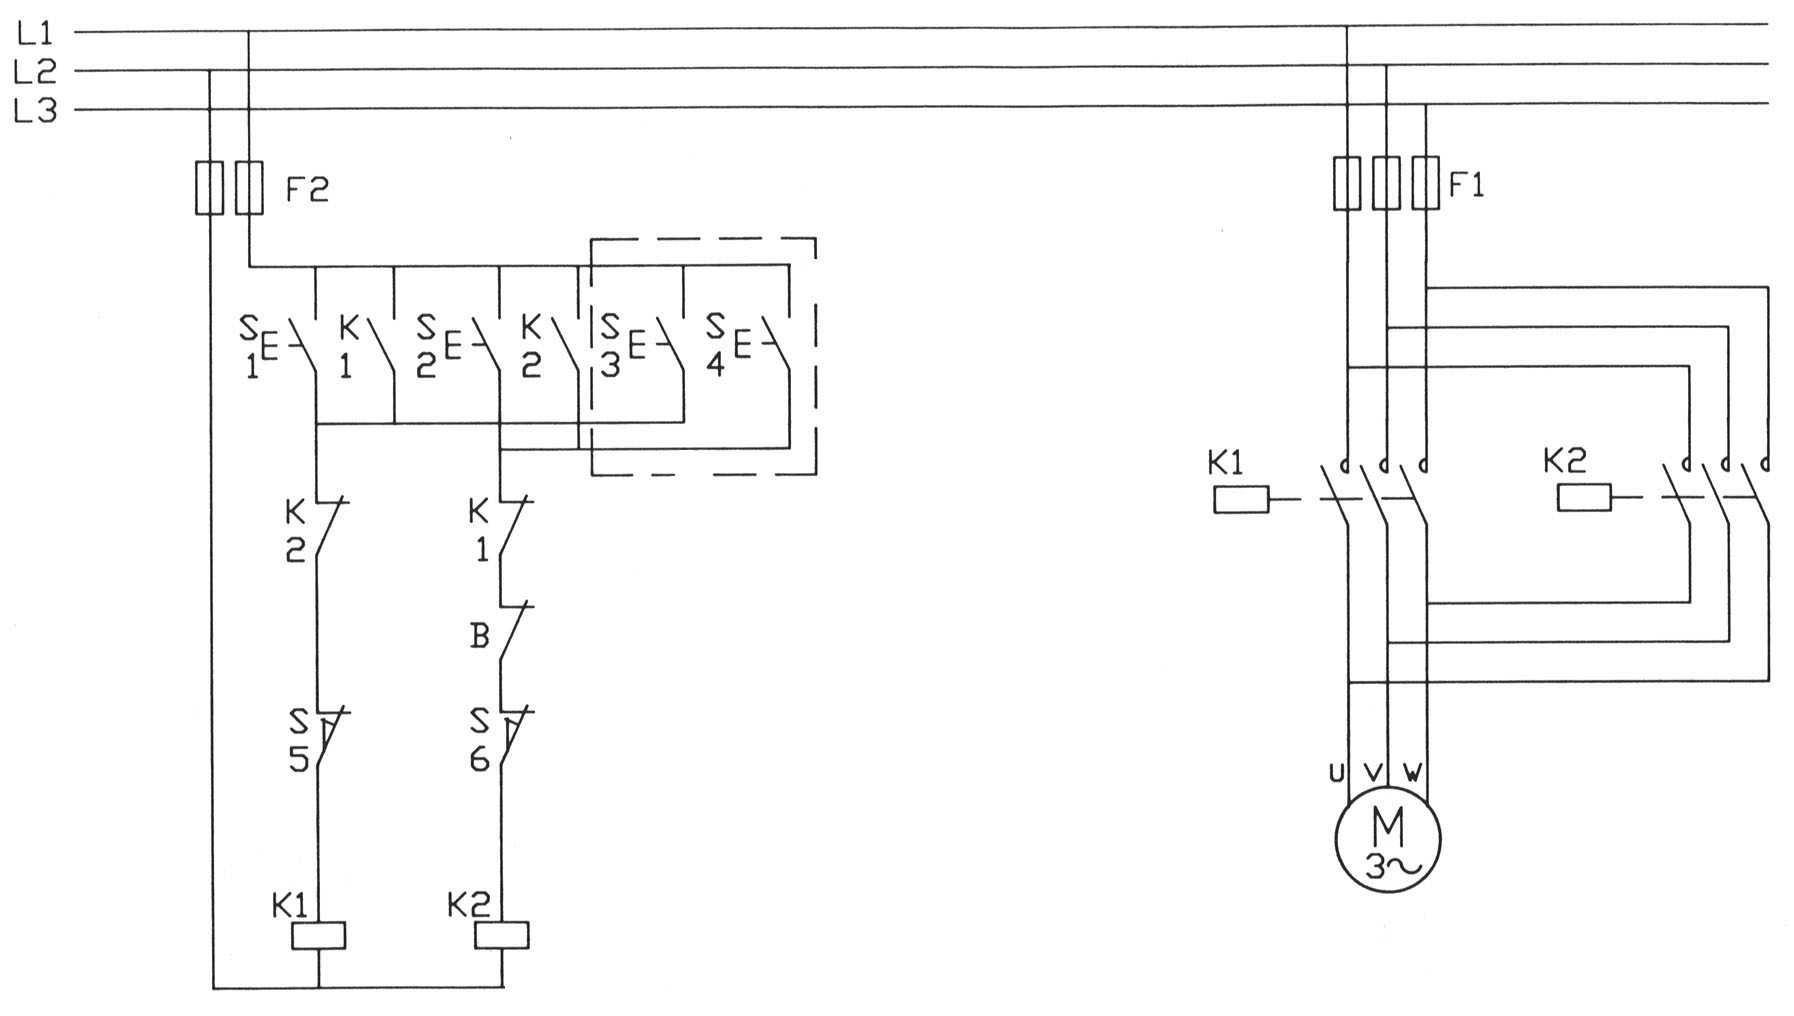 Schema Elettrico Trifase : Azionamento serranda 380v cancelli elettrici plc forum